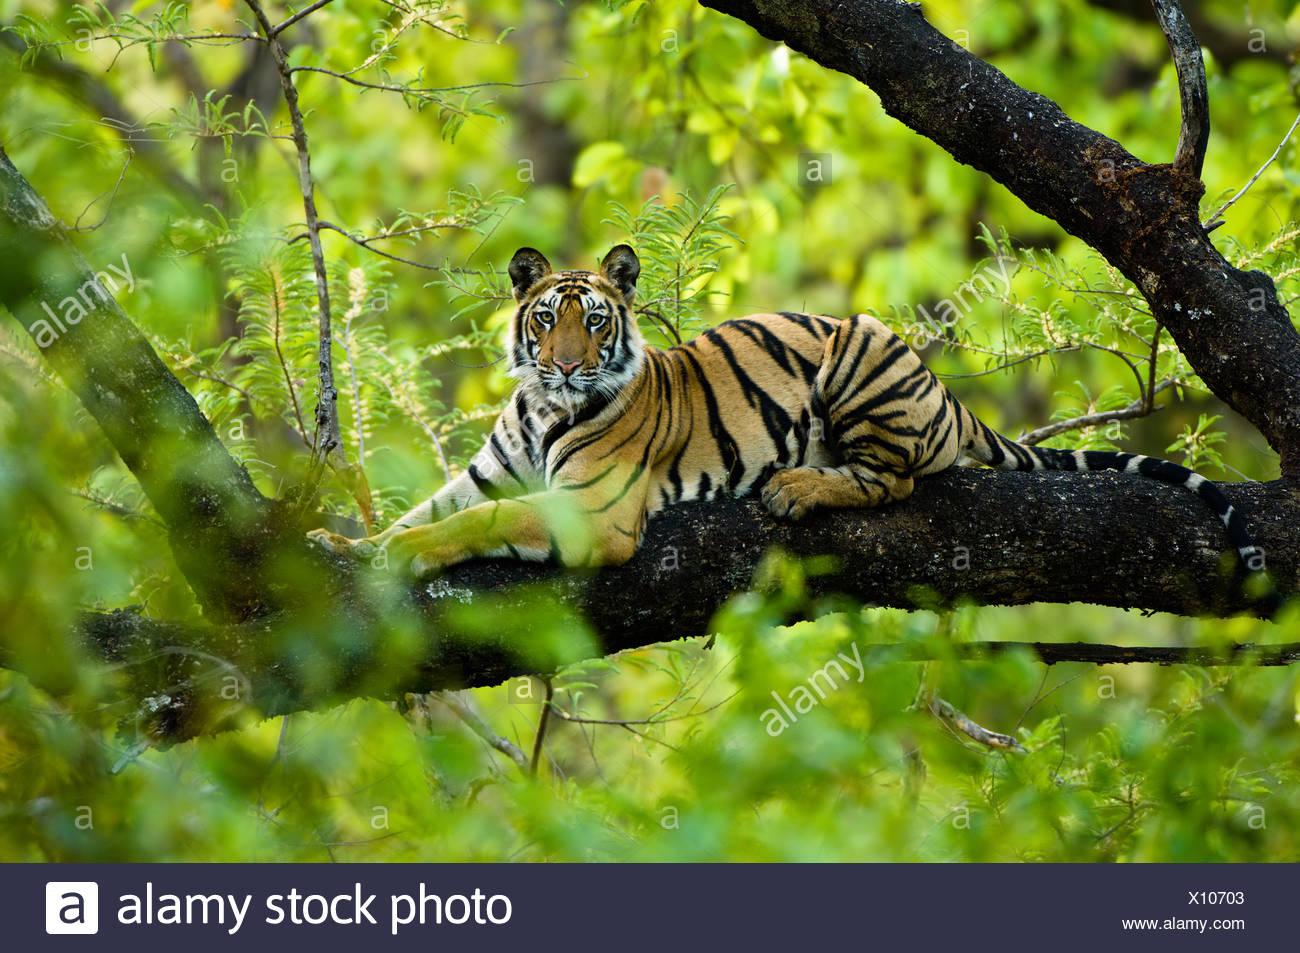 Jugendliche männliche Königstiger (ca. 15 Monate) ruht auf einem Baum. Bandhavgarh NP, Madhya Pradesh, Indien. Stockbild